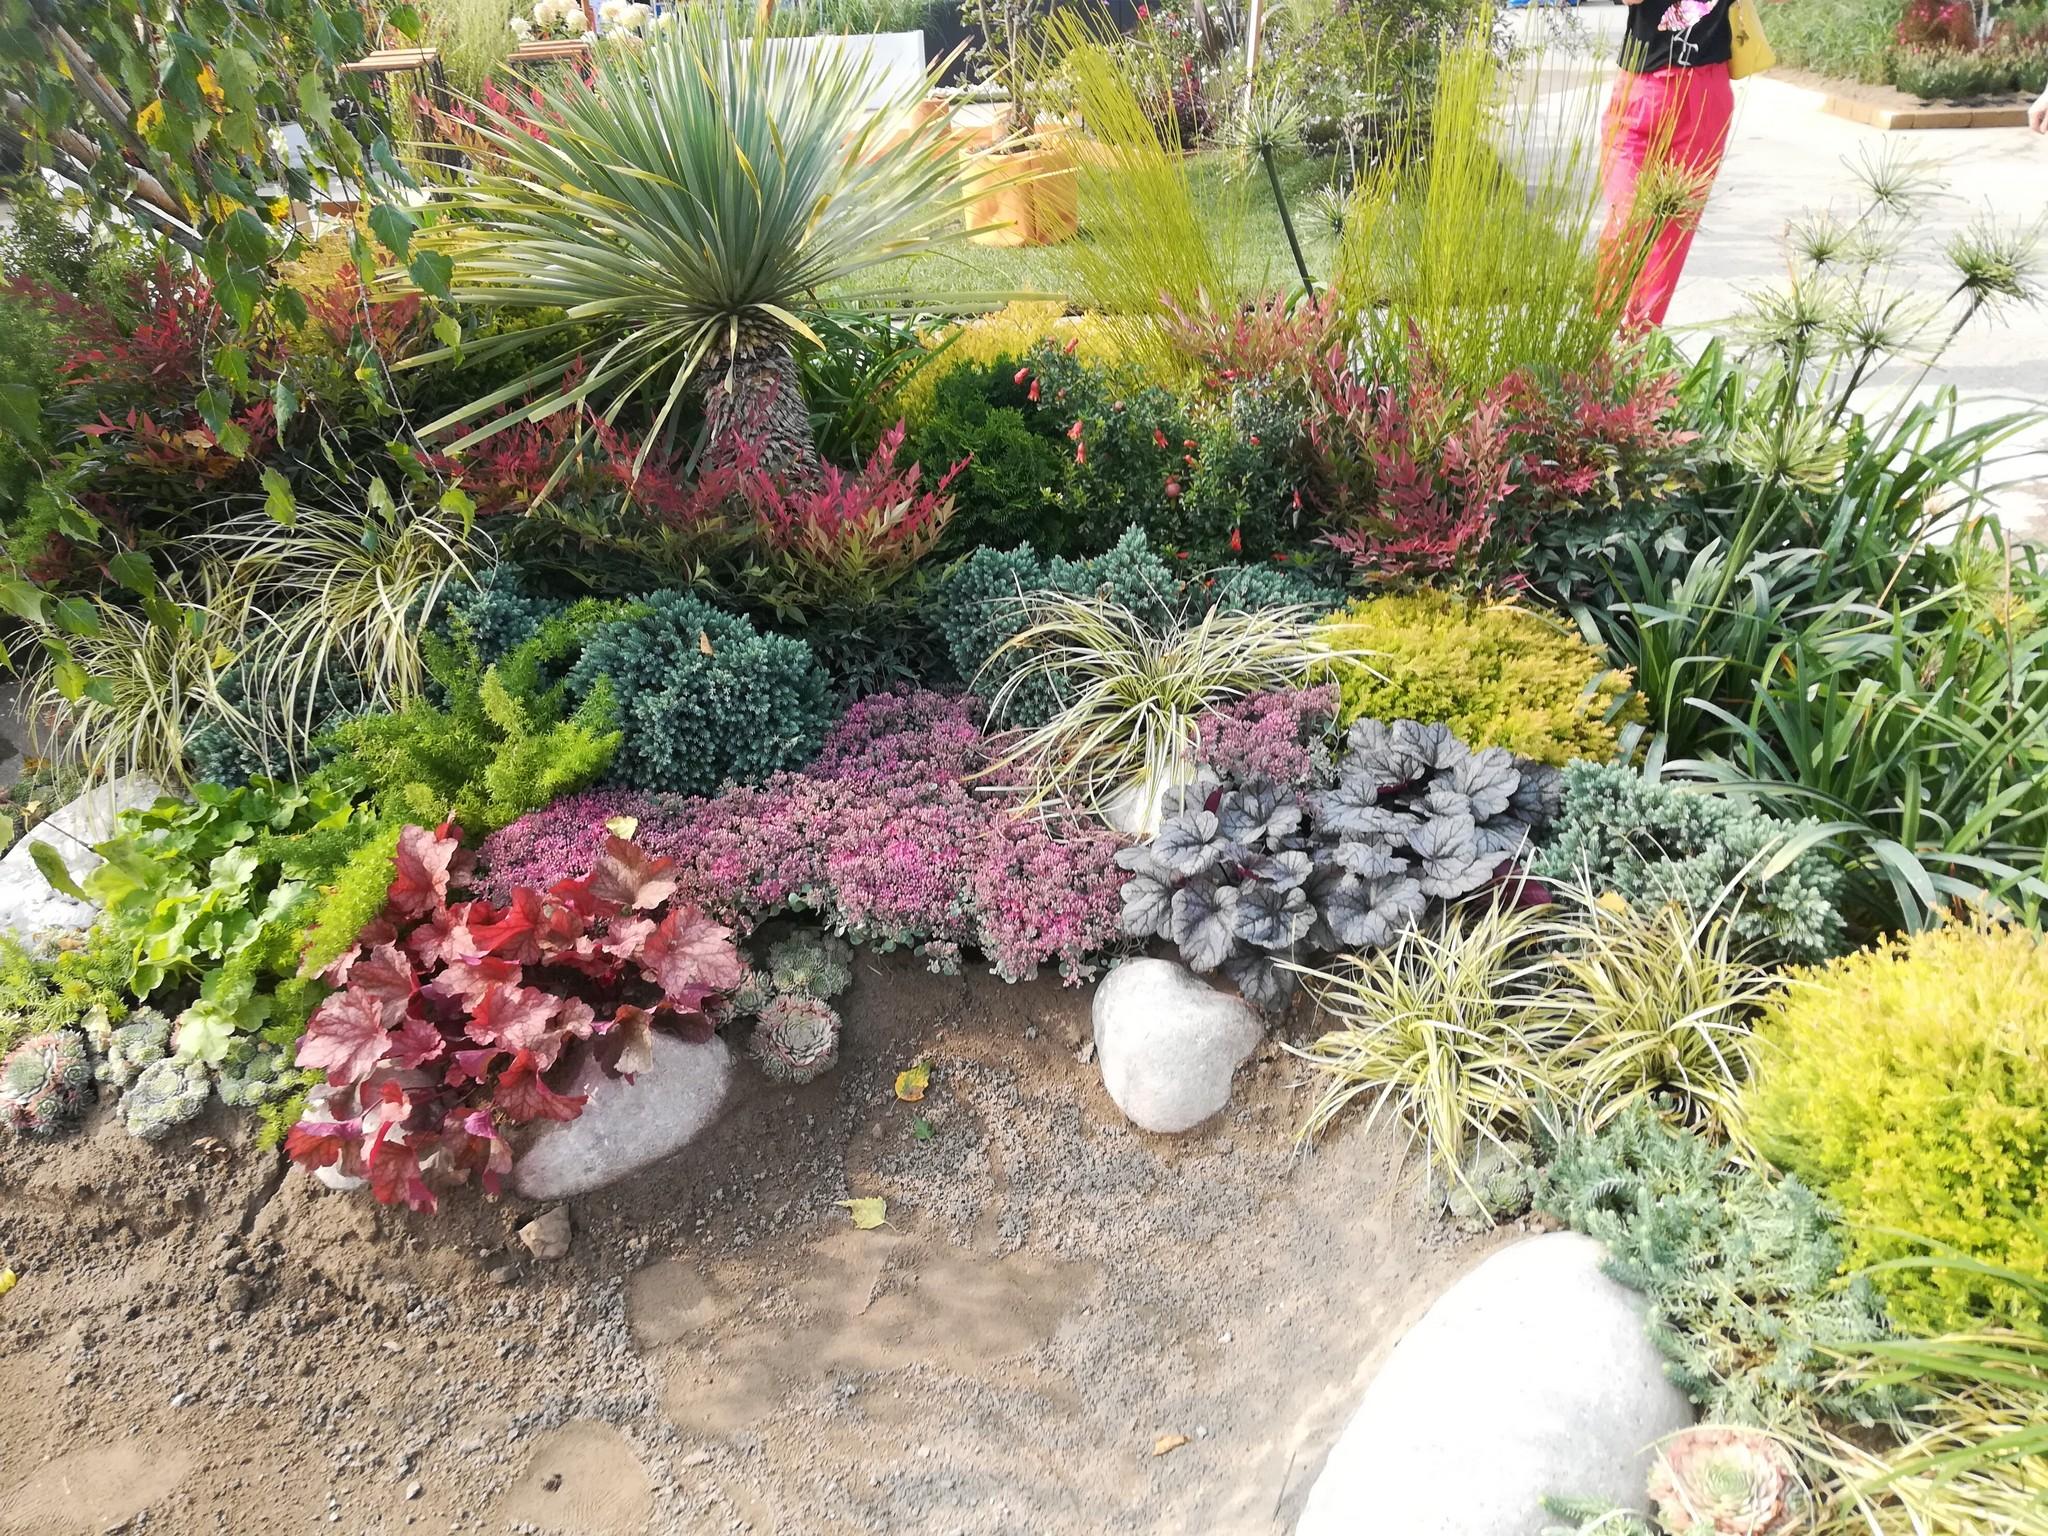 Concorso-giardini-Verdeggiando_40-NAUTILUS-DL4X4-Davide-Cerruto-–-Walter-Coccia-–-Emanuela-Missanelli-–-Daniela-Colombara